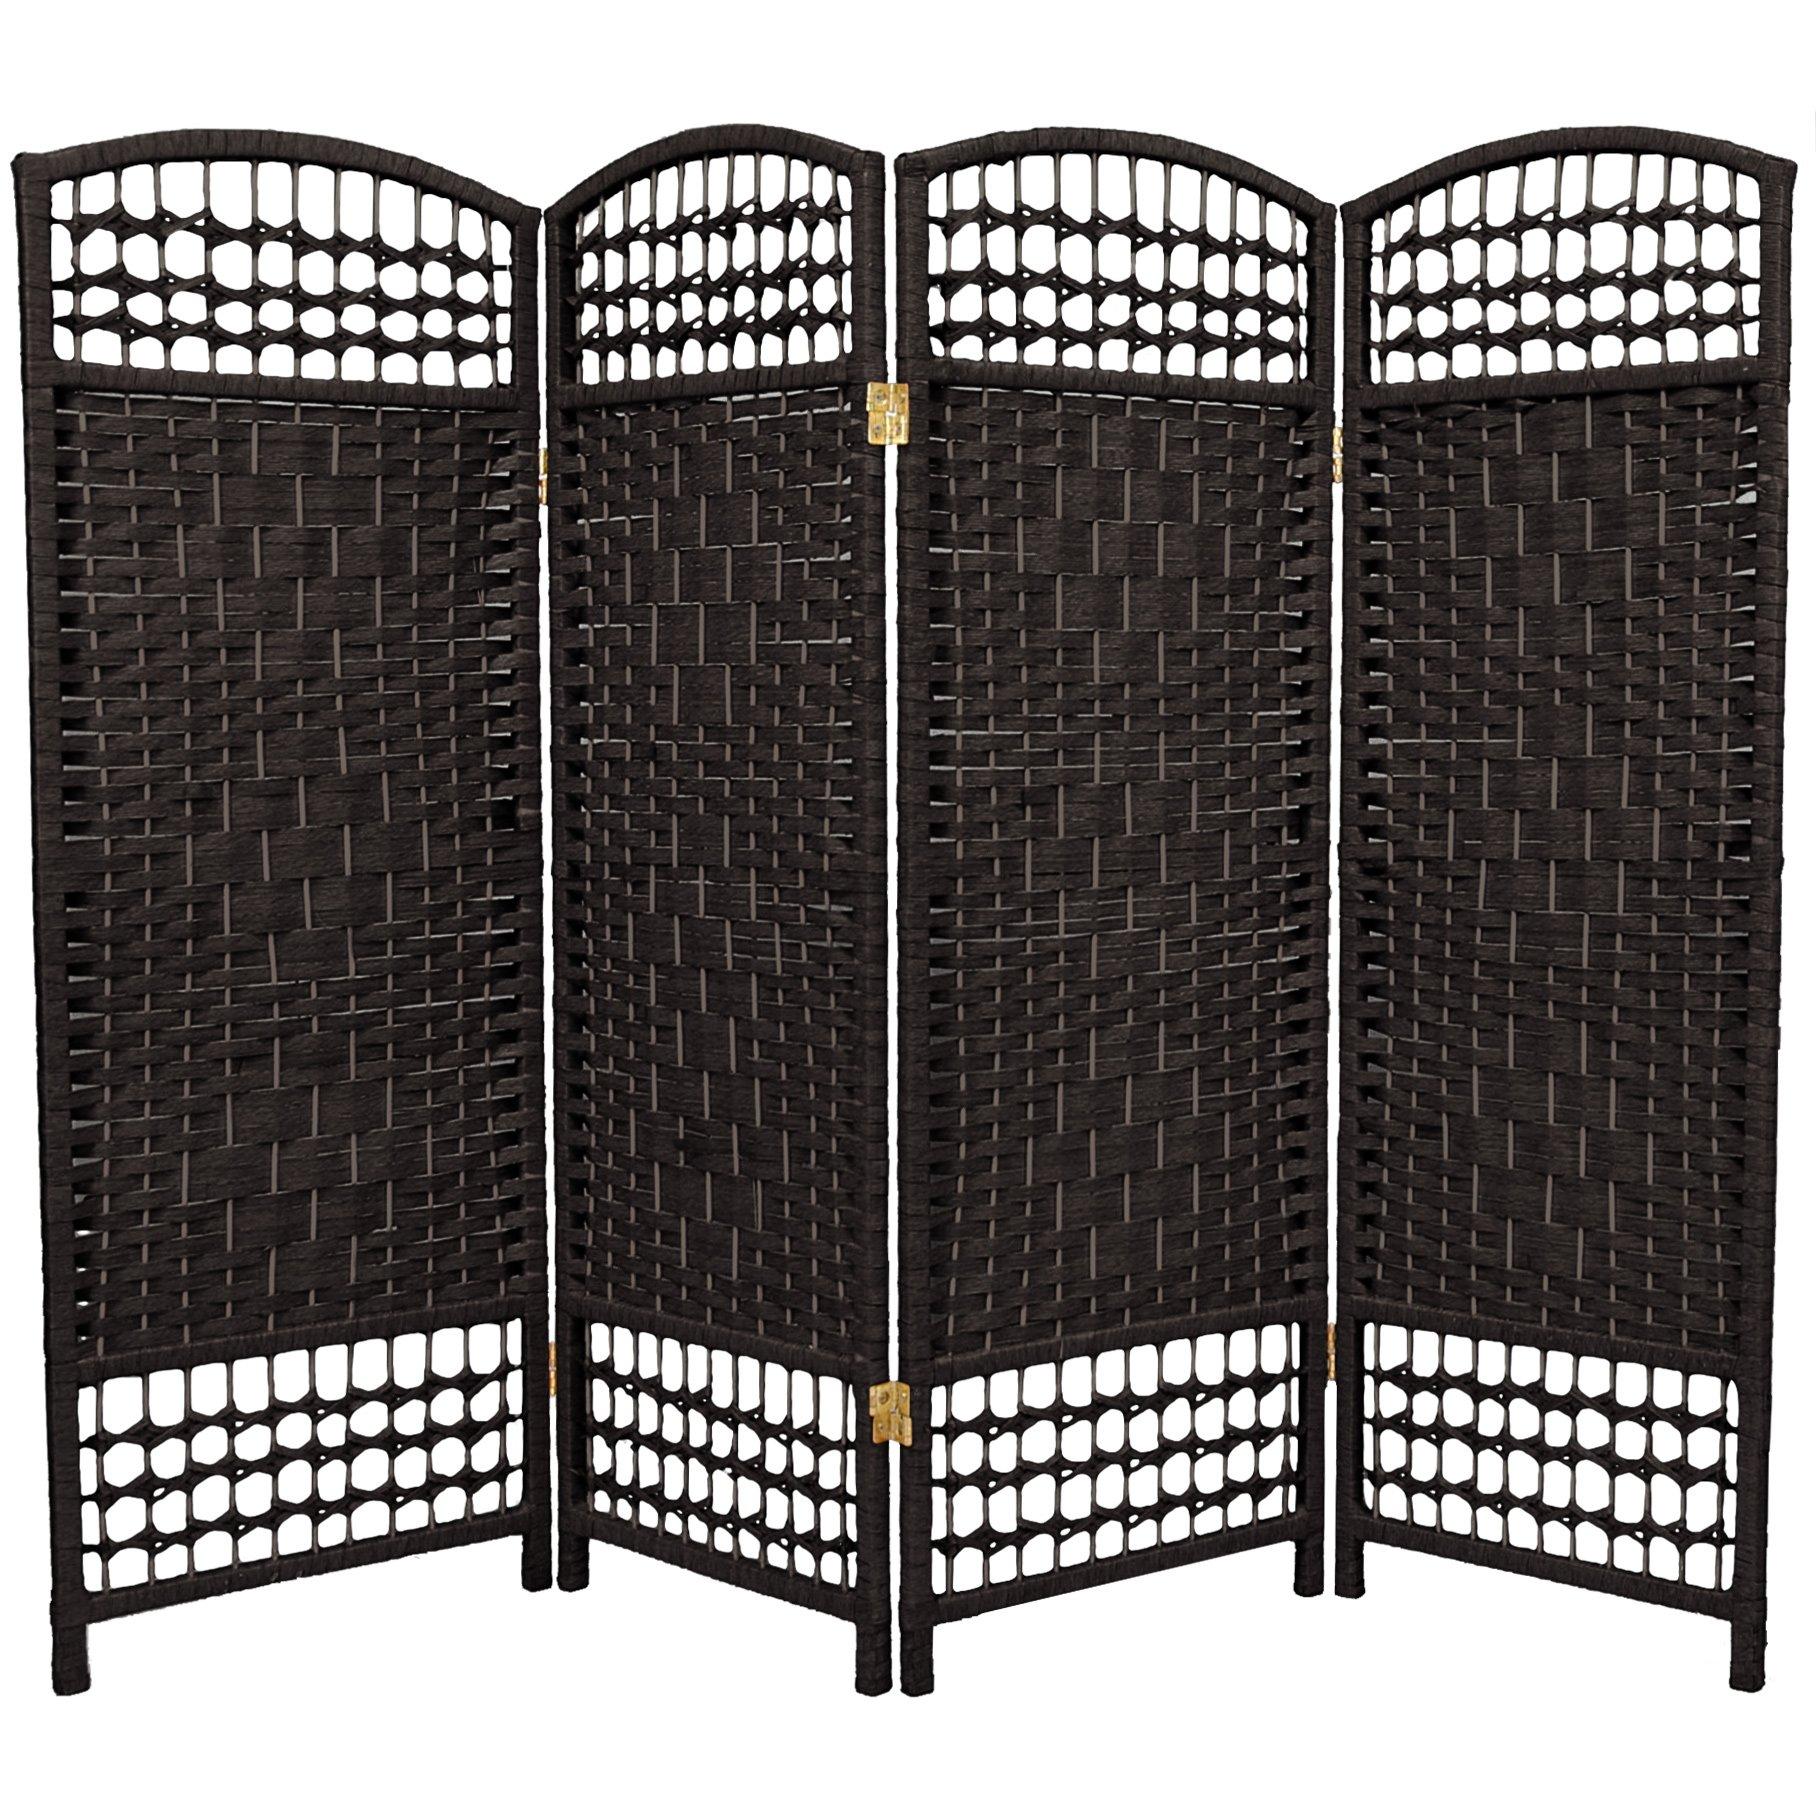 Oriental Furniture 4 ft. Tall Fiber Weave Room Divider - 4 Panel - Black